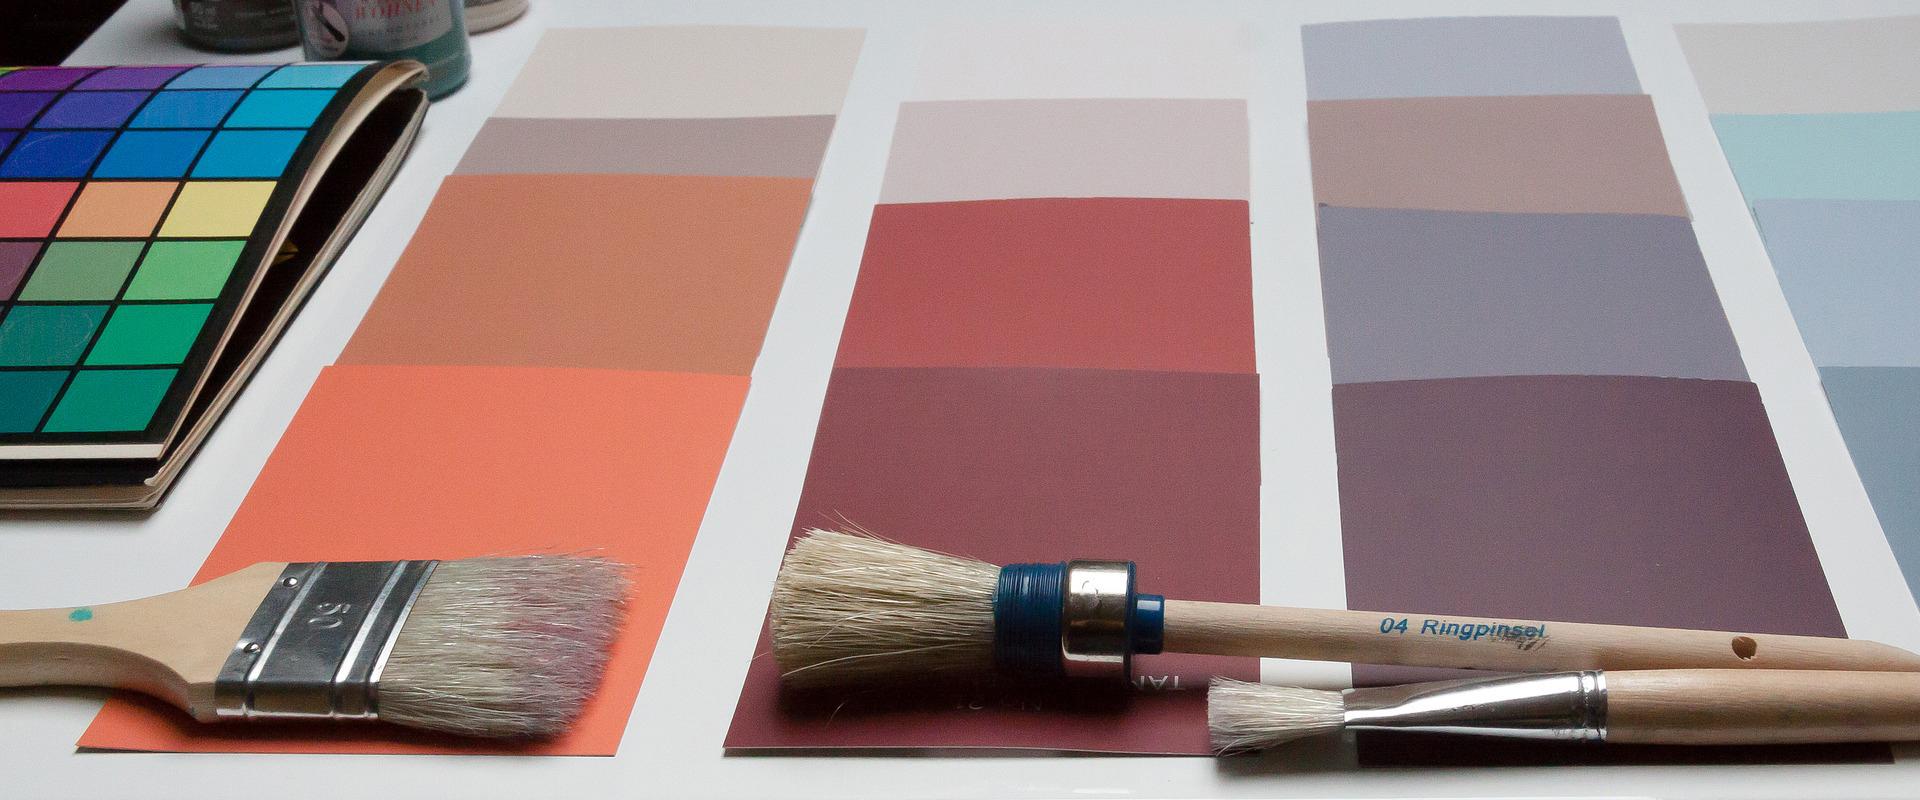 Pintores en Valencia | Pintores de interiores y exteriores en Valencia